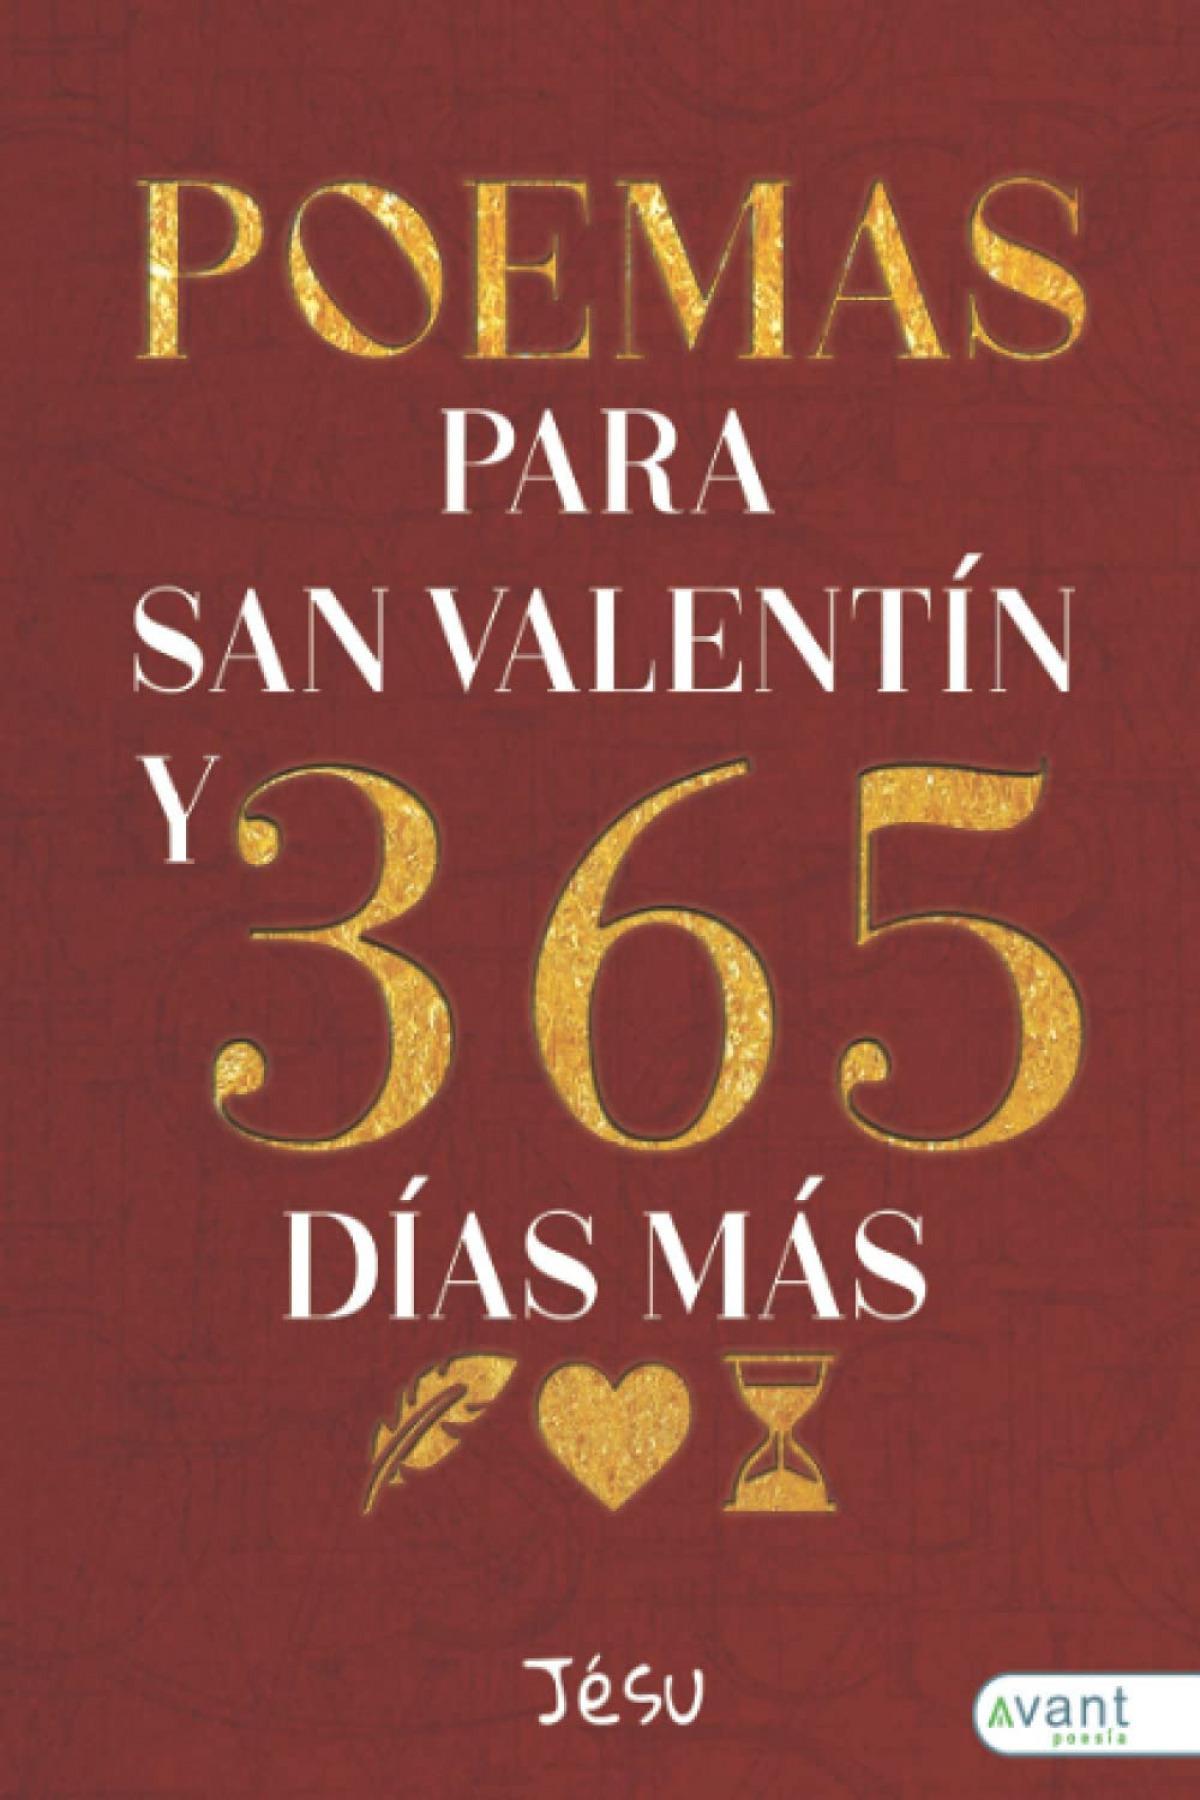 Poemas para san valentin y 365 dias mas